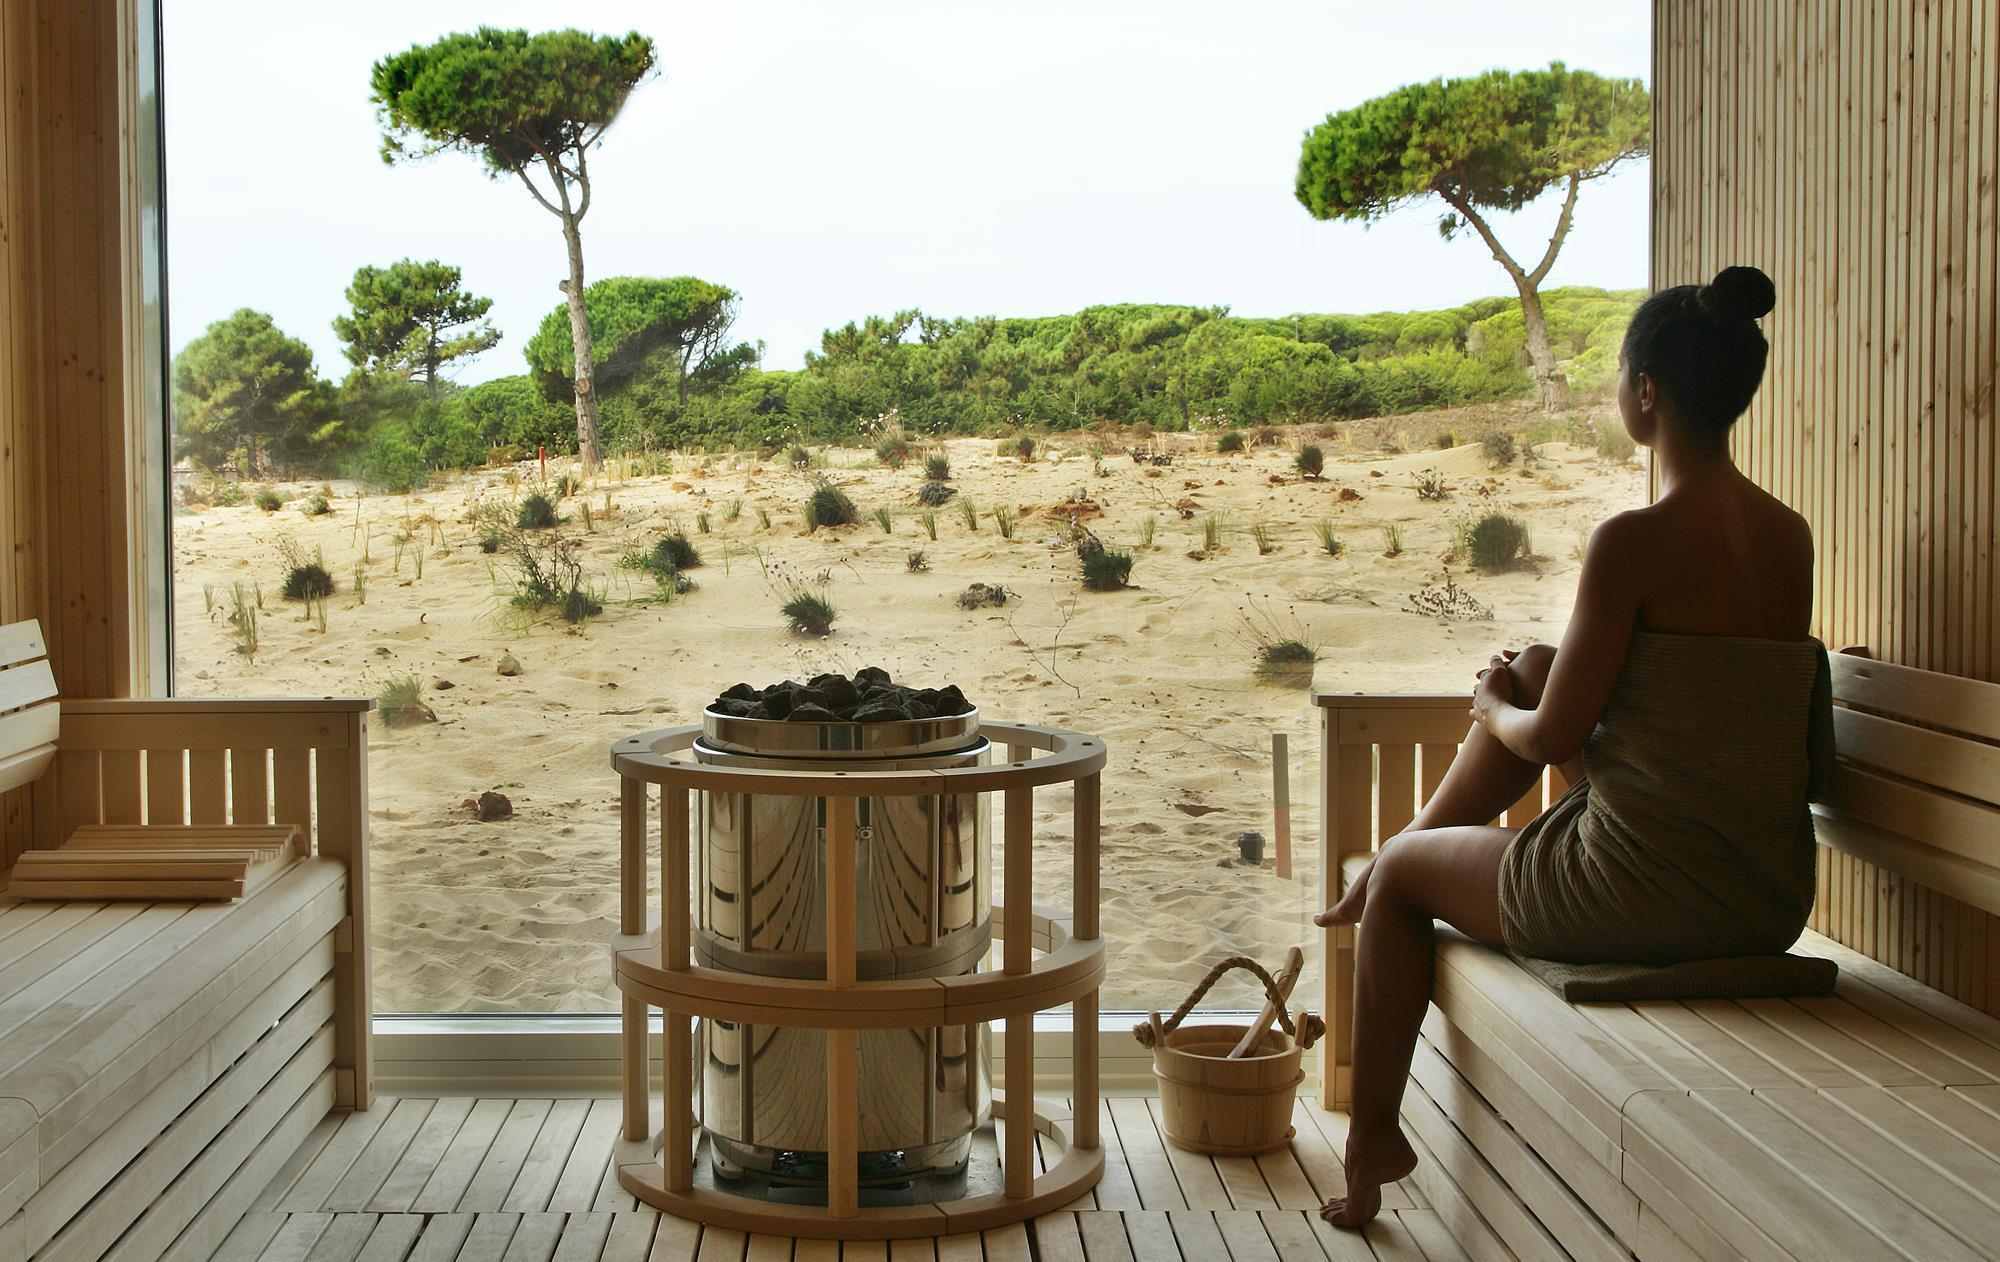 El SPA The Oitavos cuenta con piscina interior, sauna, baño turco, fuente de hielo y jacuzzi.